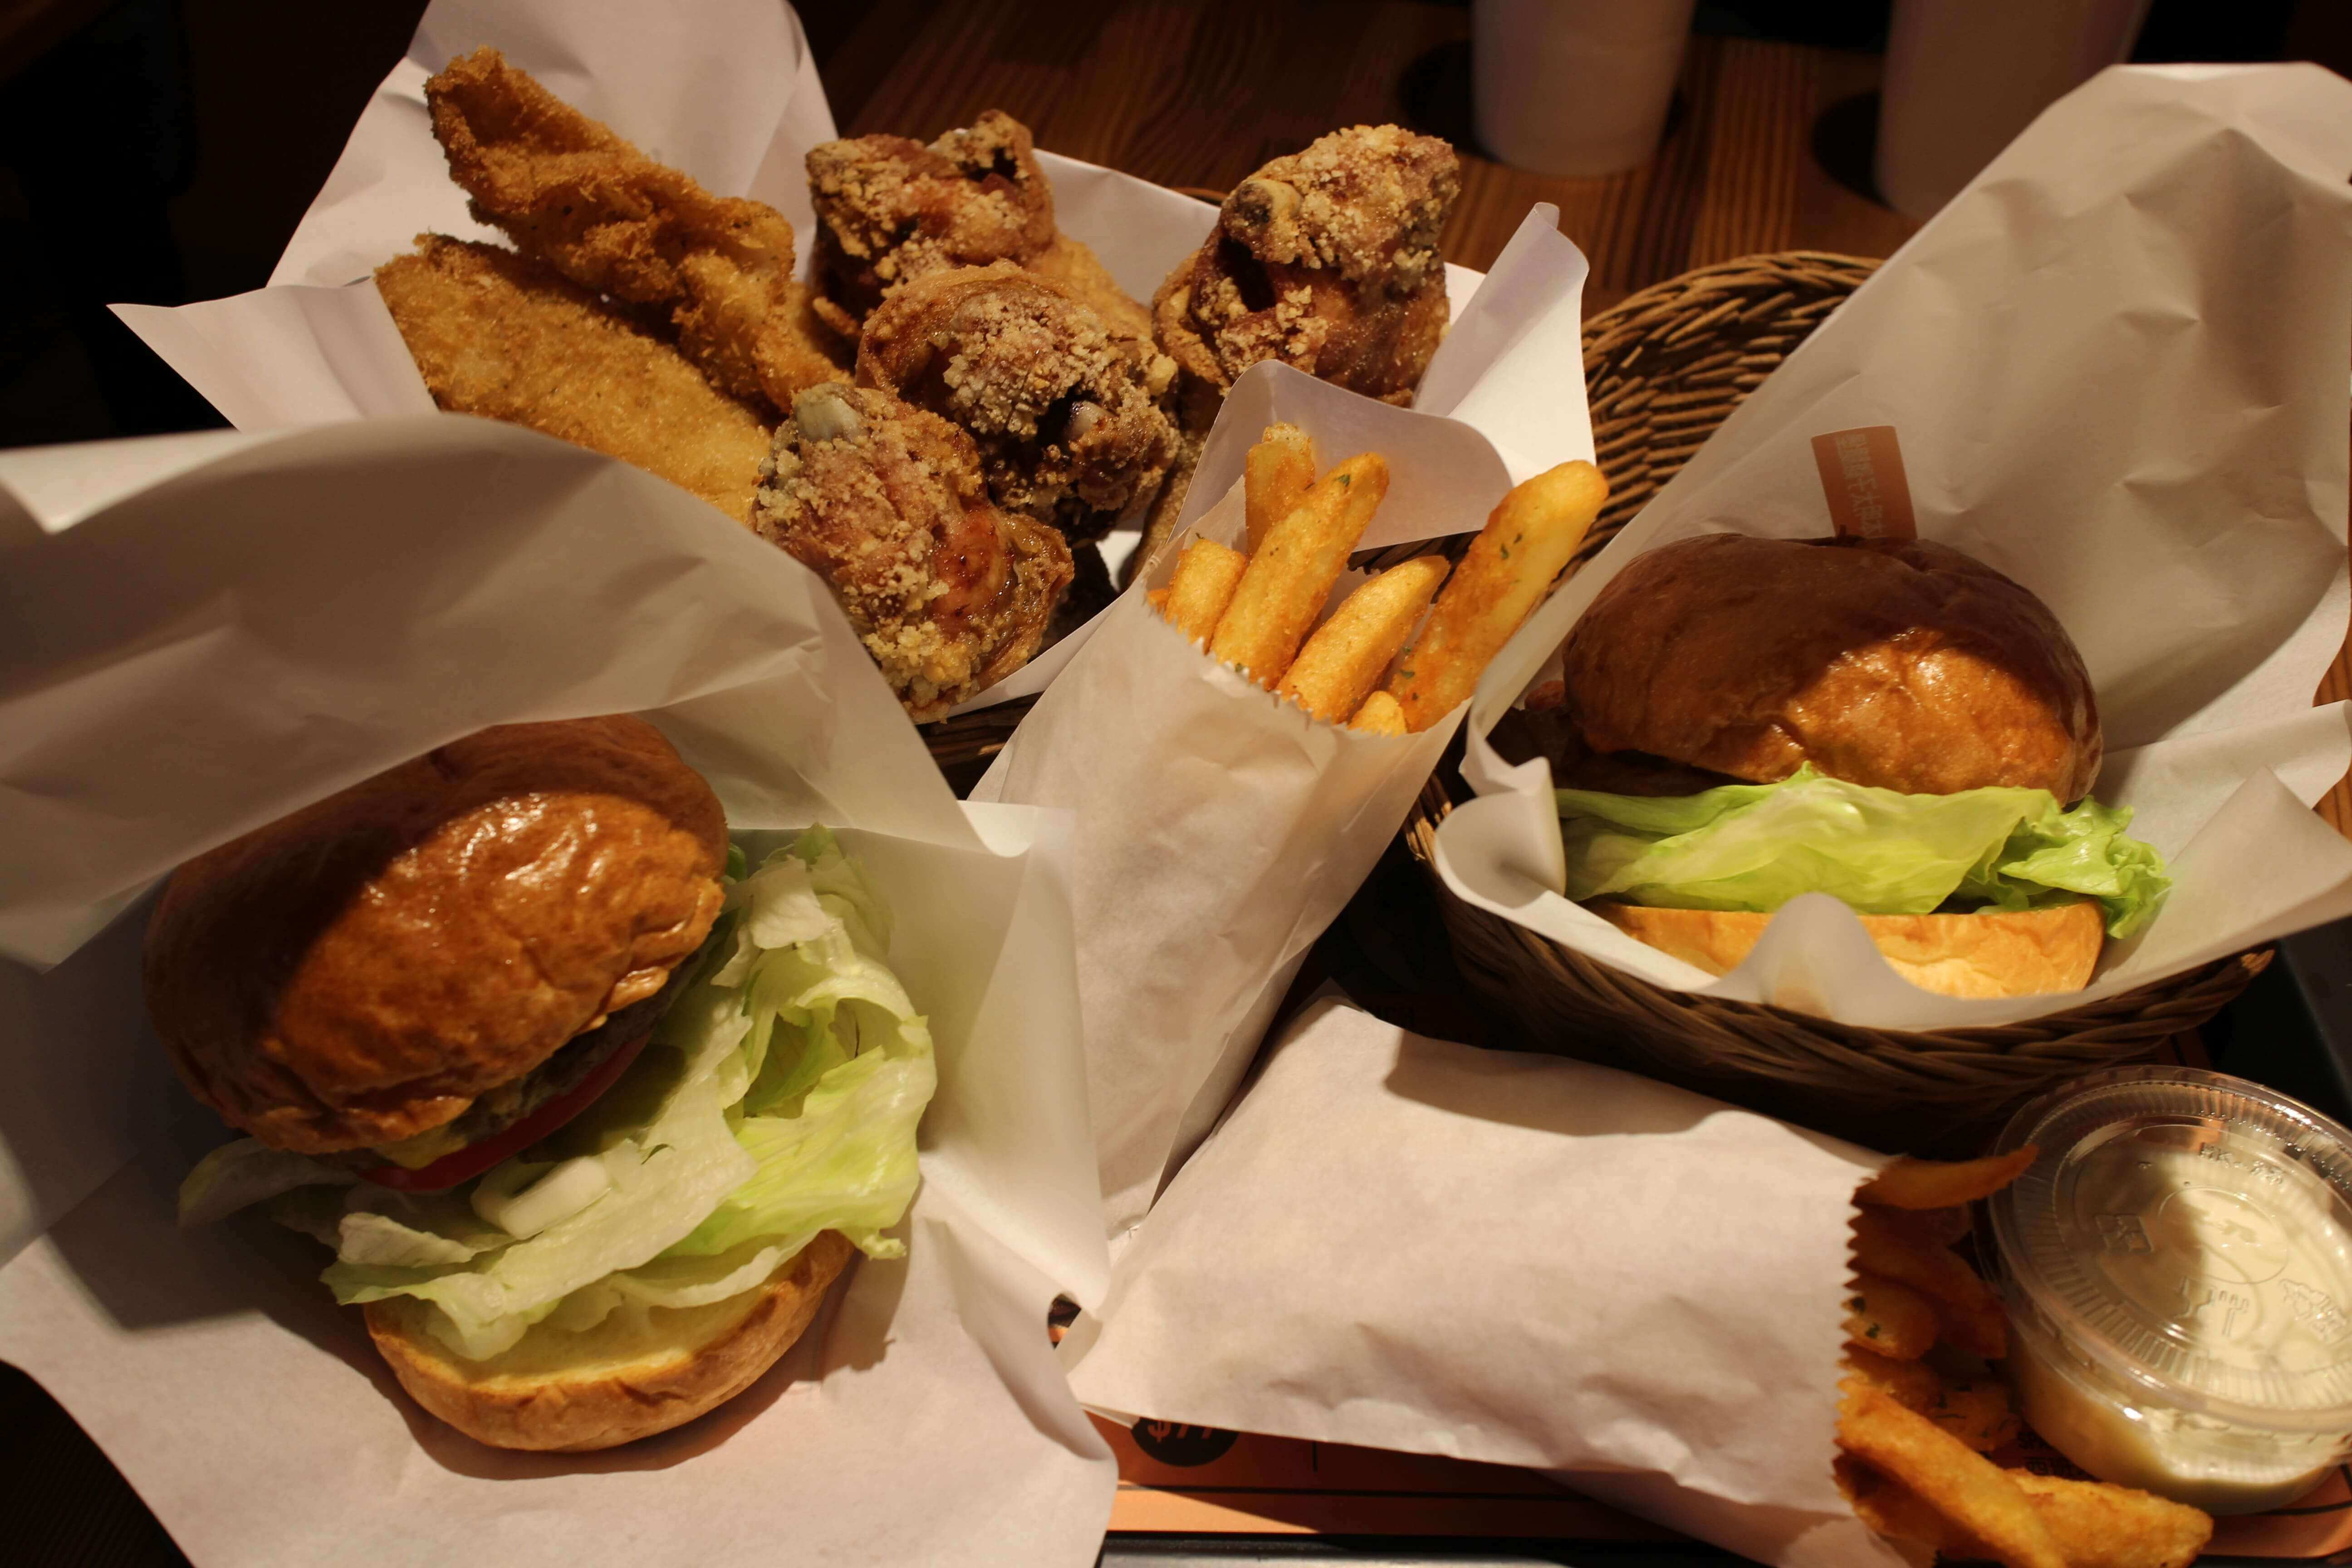 網站熱門文章:IA Captain國際機長餐廳-松山區速食店推薦vs南京三民炸雞爆汁